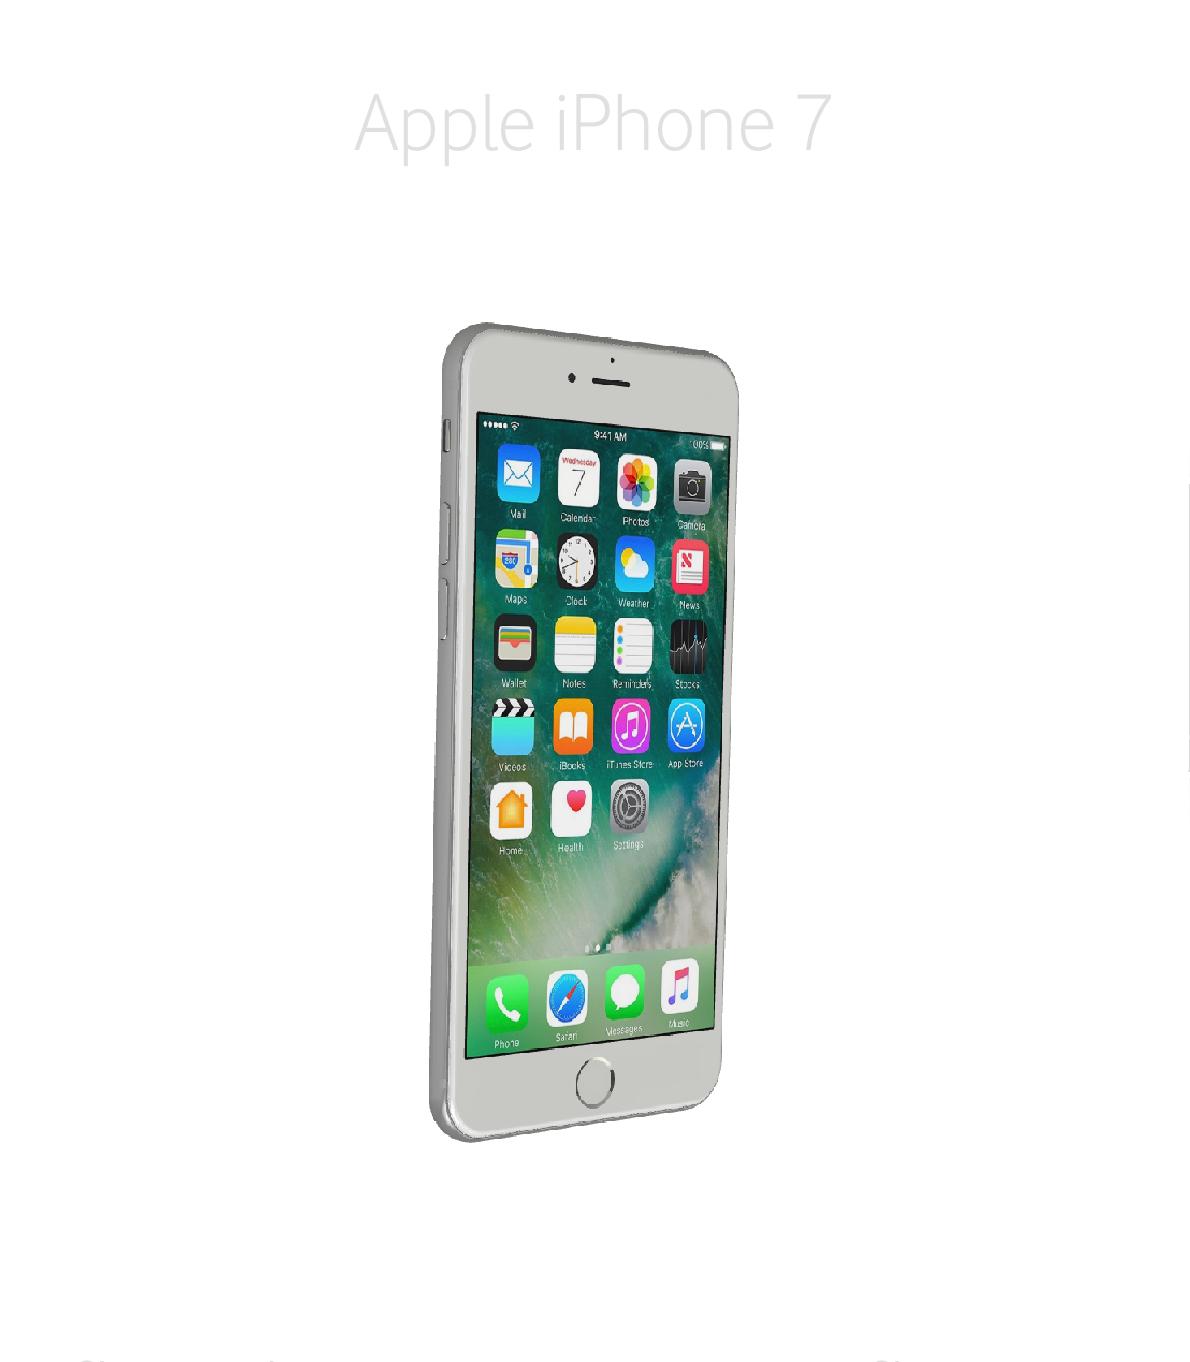 Laga framsida/glas/skärm iPhone 7